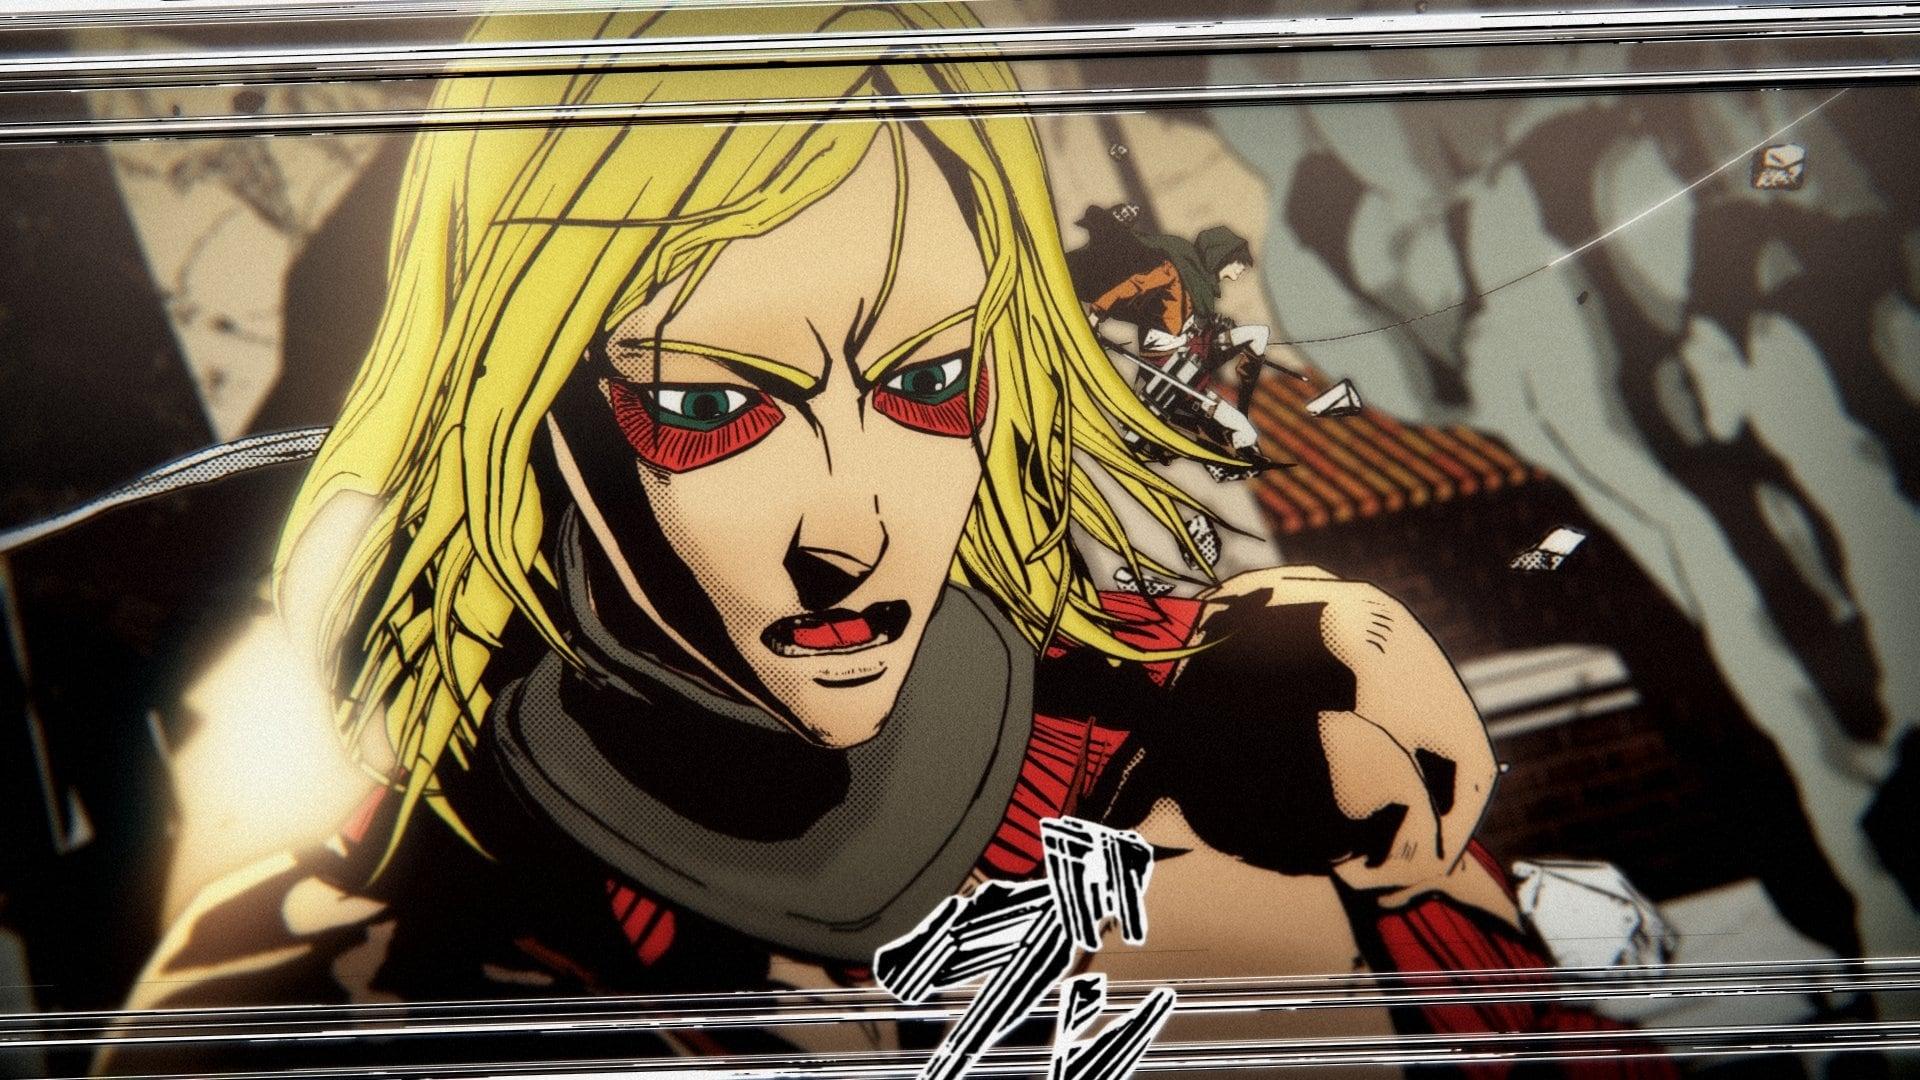 YOSHIKIの『進撃の巨人』ワンダ新CMで思い出す「バカボン出演」の不思議の画像003